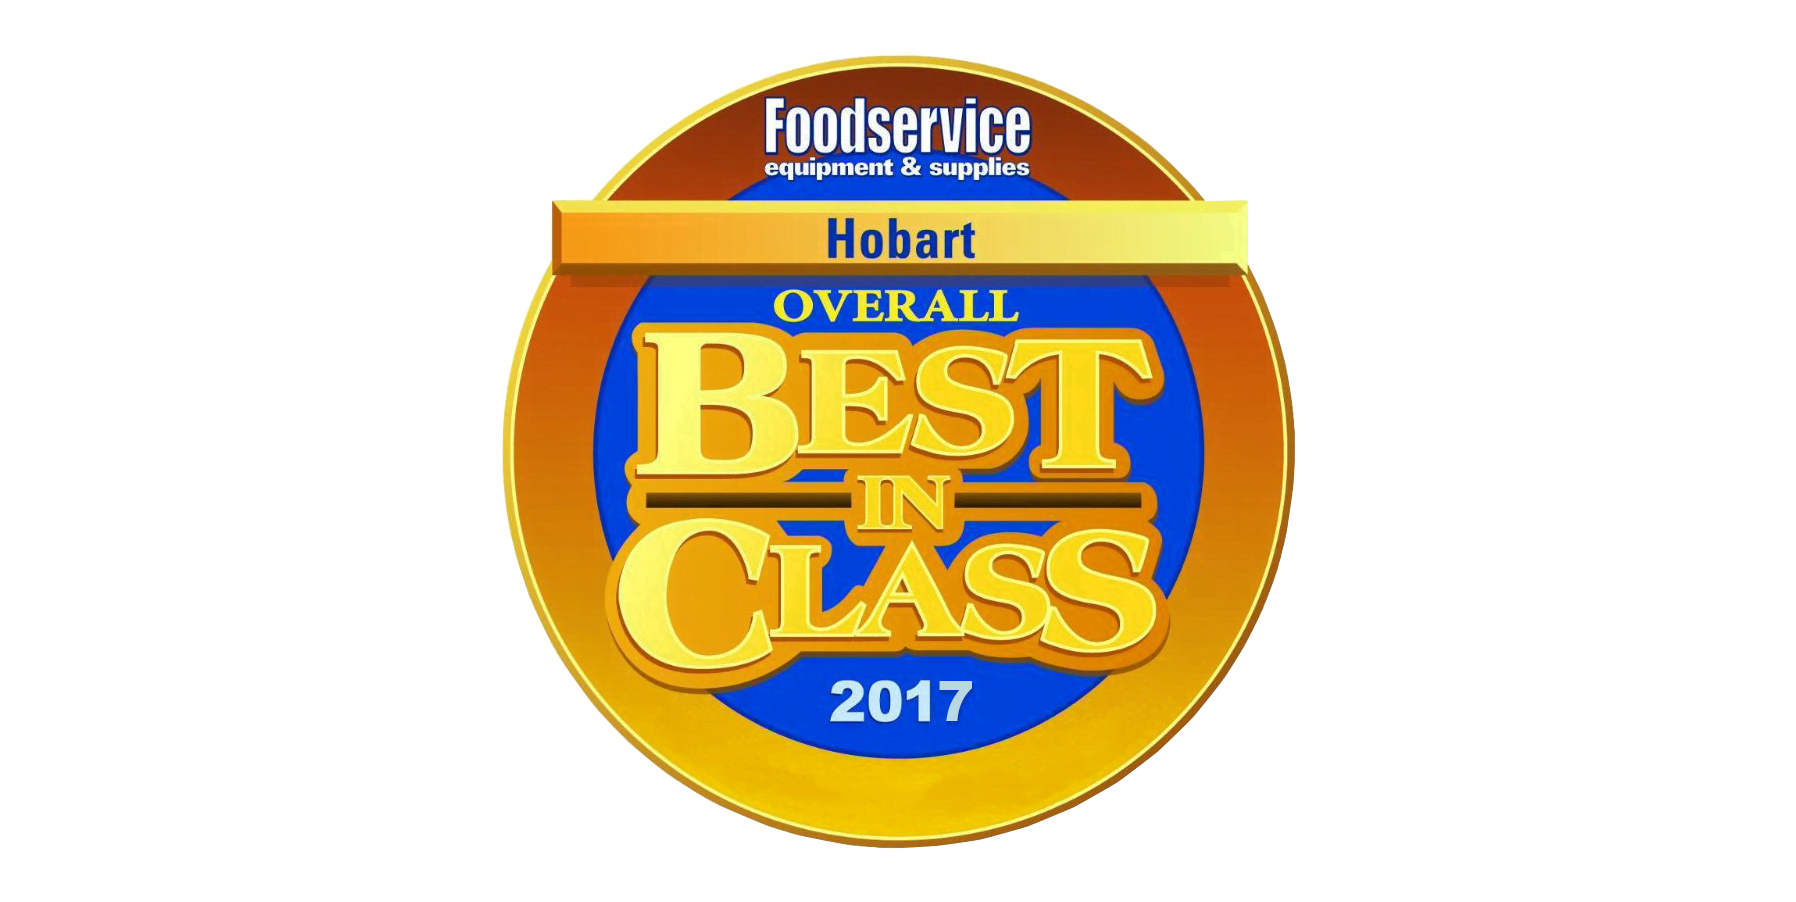 Best-in-class-2017-logo